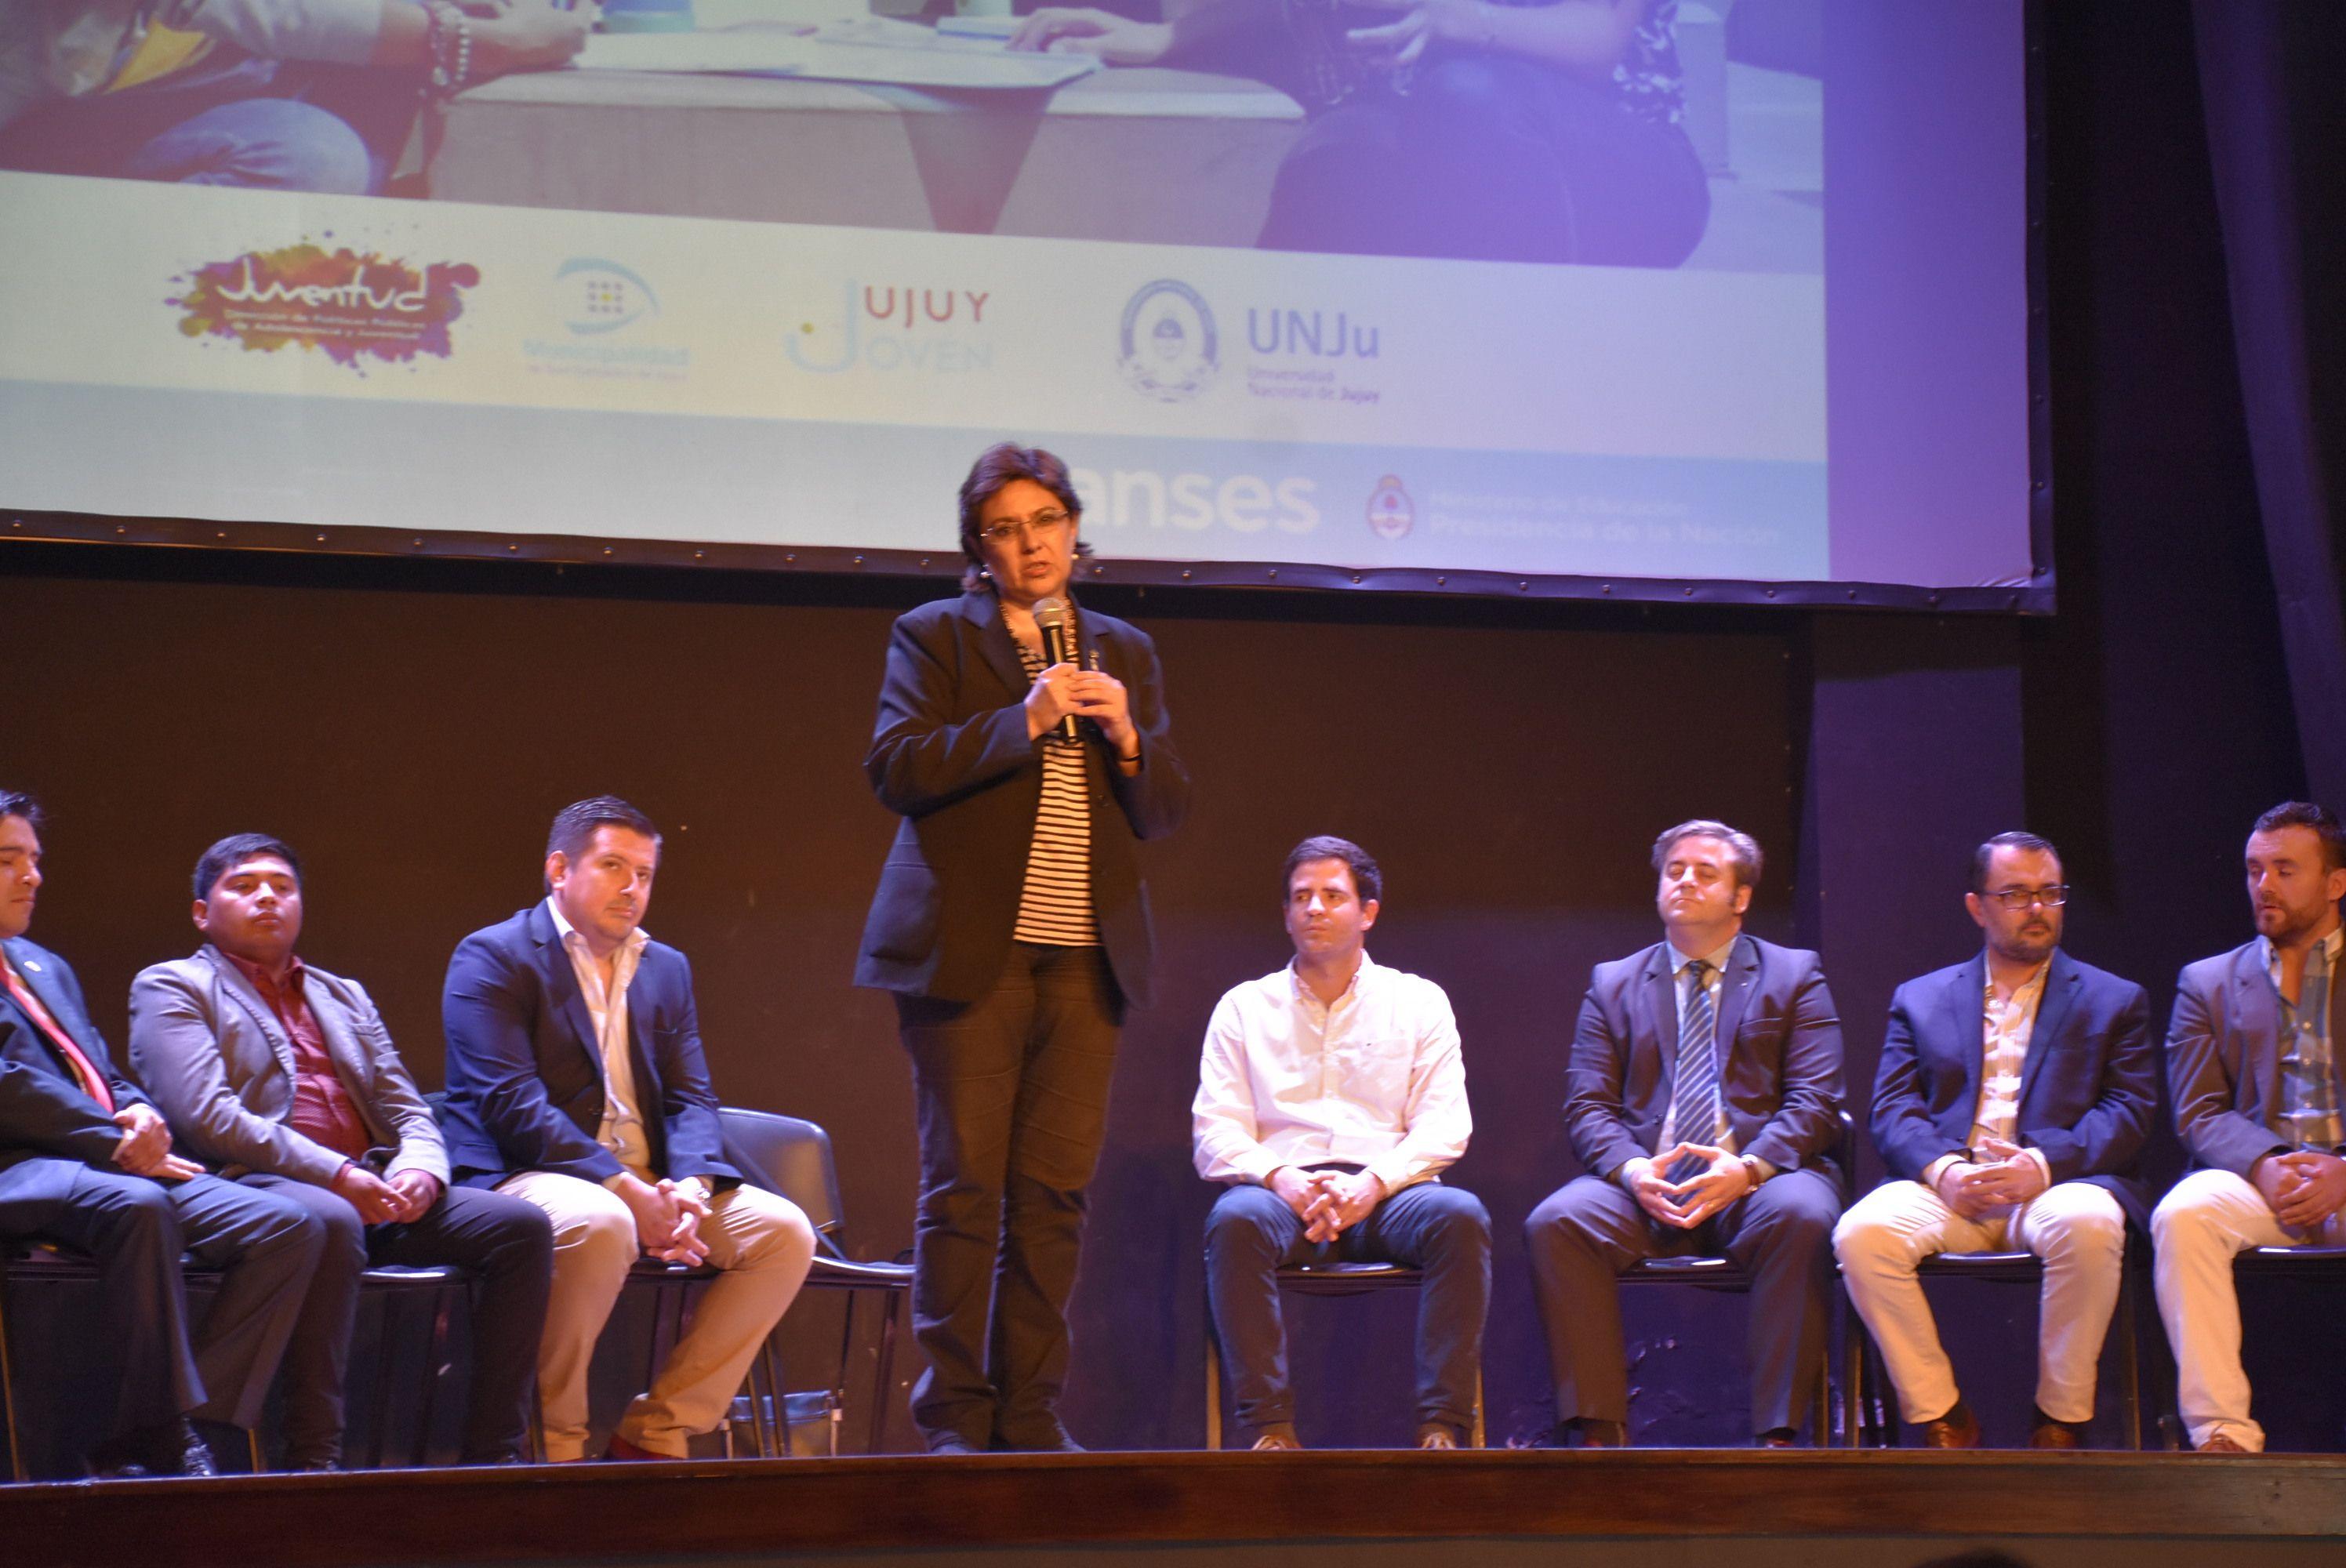 La ministra de Educación, Isolda Calsina, asistió a la presentación de las nuevas becas Progresar, evento destinado a estudiantes universitarios. Marzo 2018